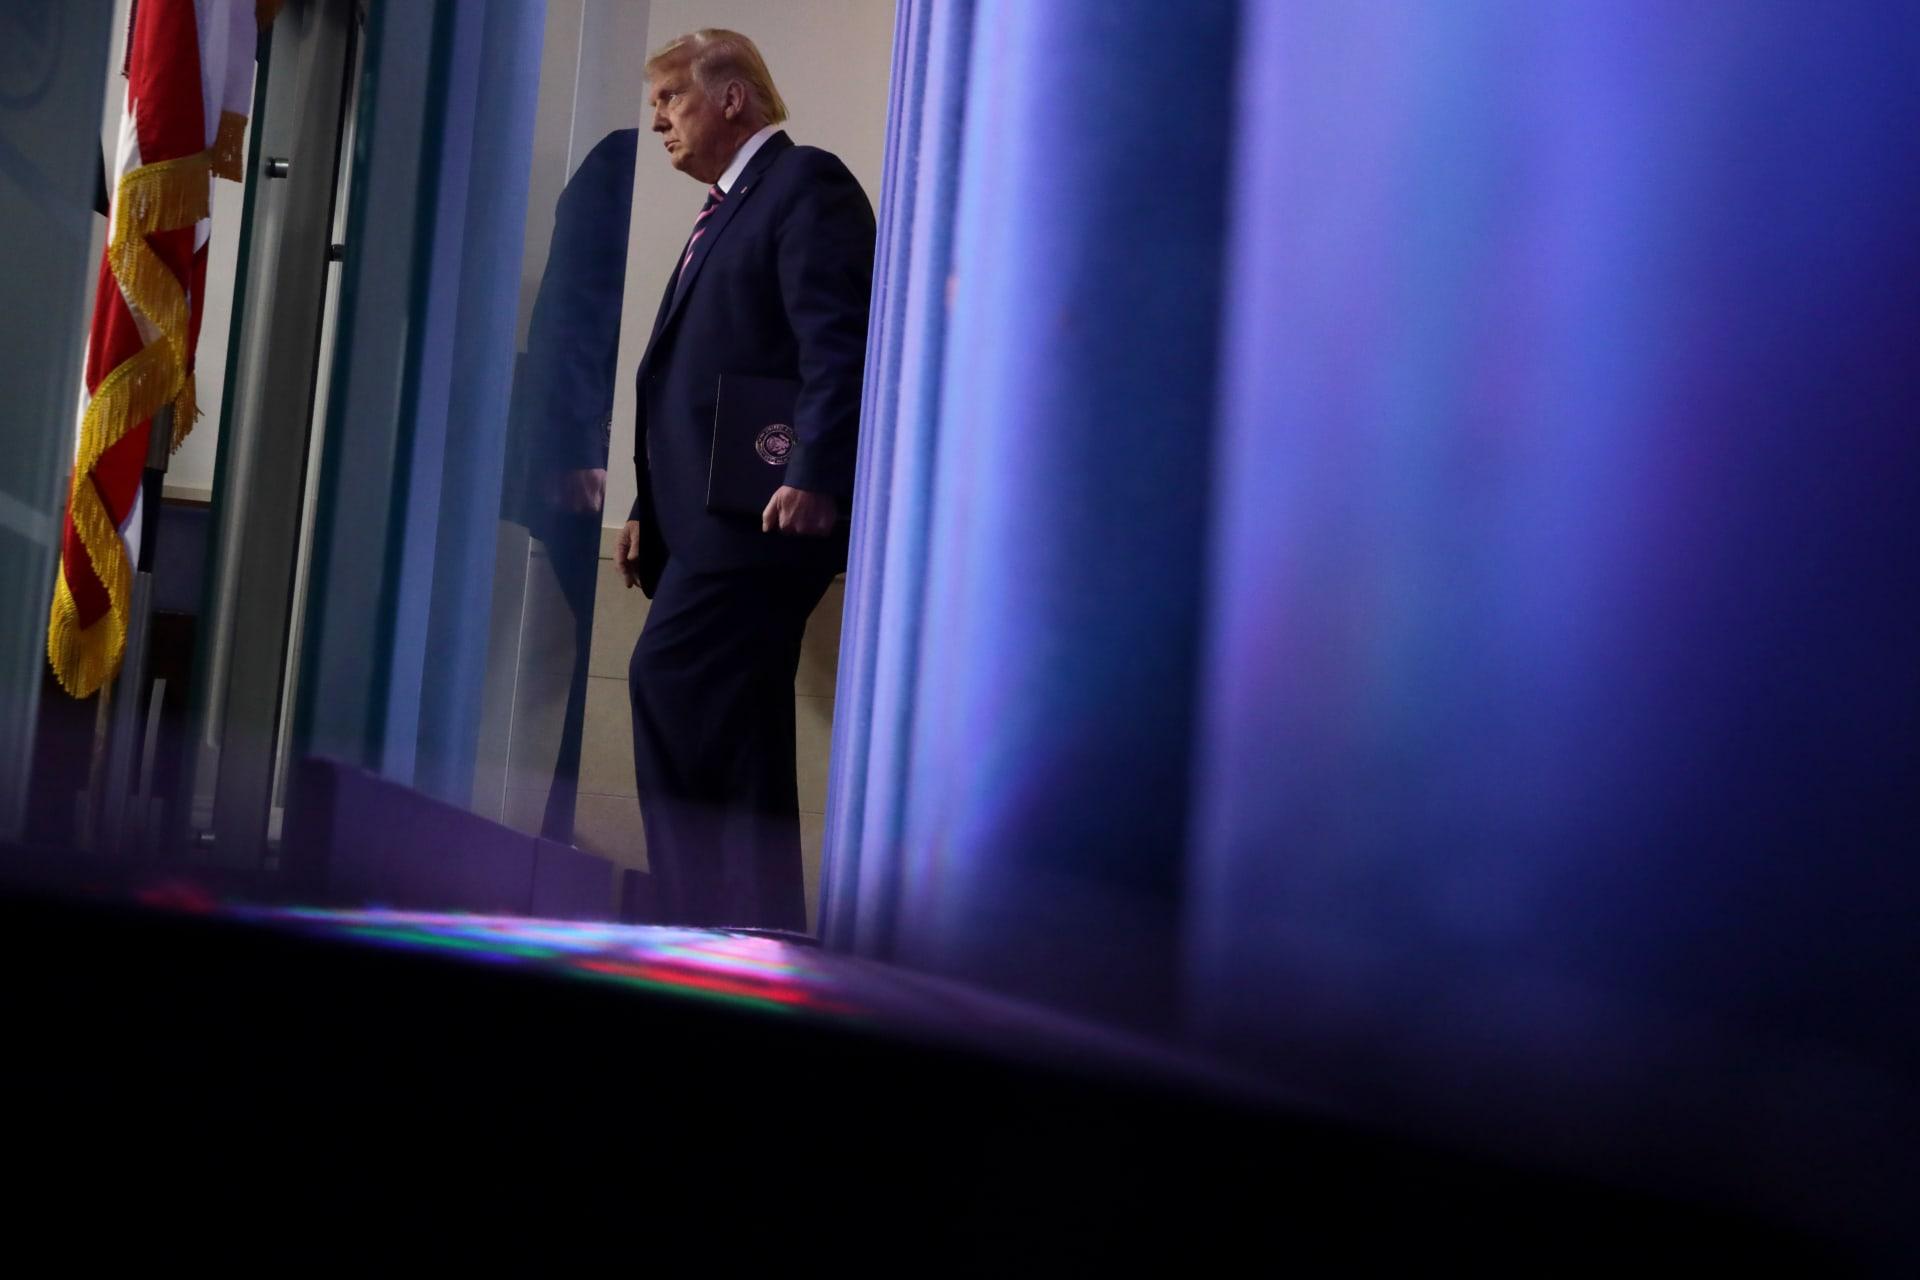 الخارجية الأمريكية تسحب جائزة من صحفية استقصائية بسبب منشوراتها عن ترامب